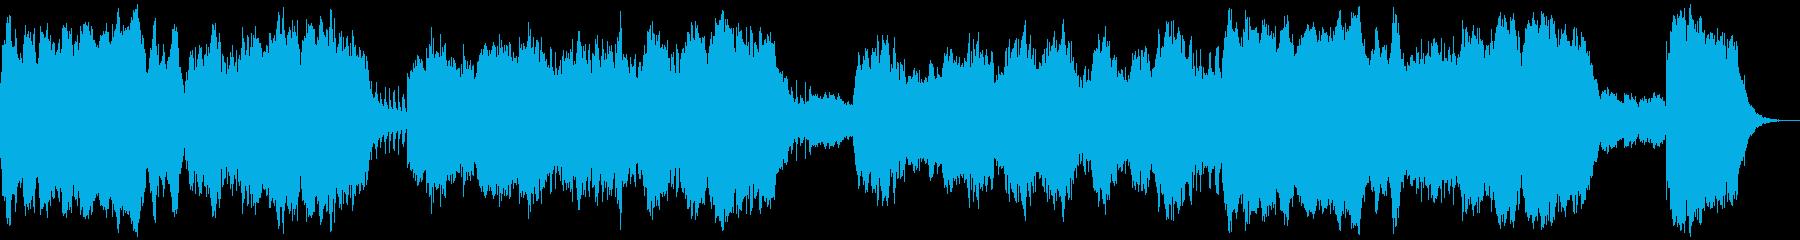 現代的 交響曲 クラシック コーポ...の再生済みの波形